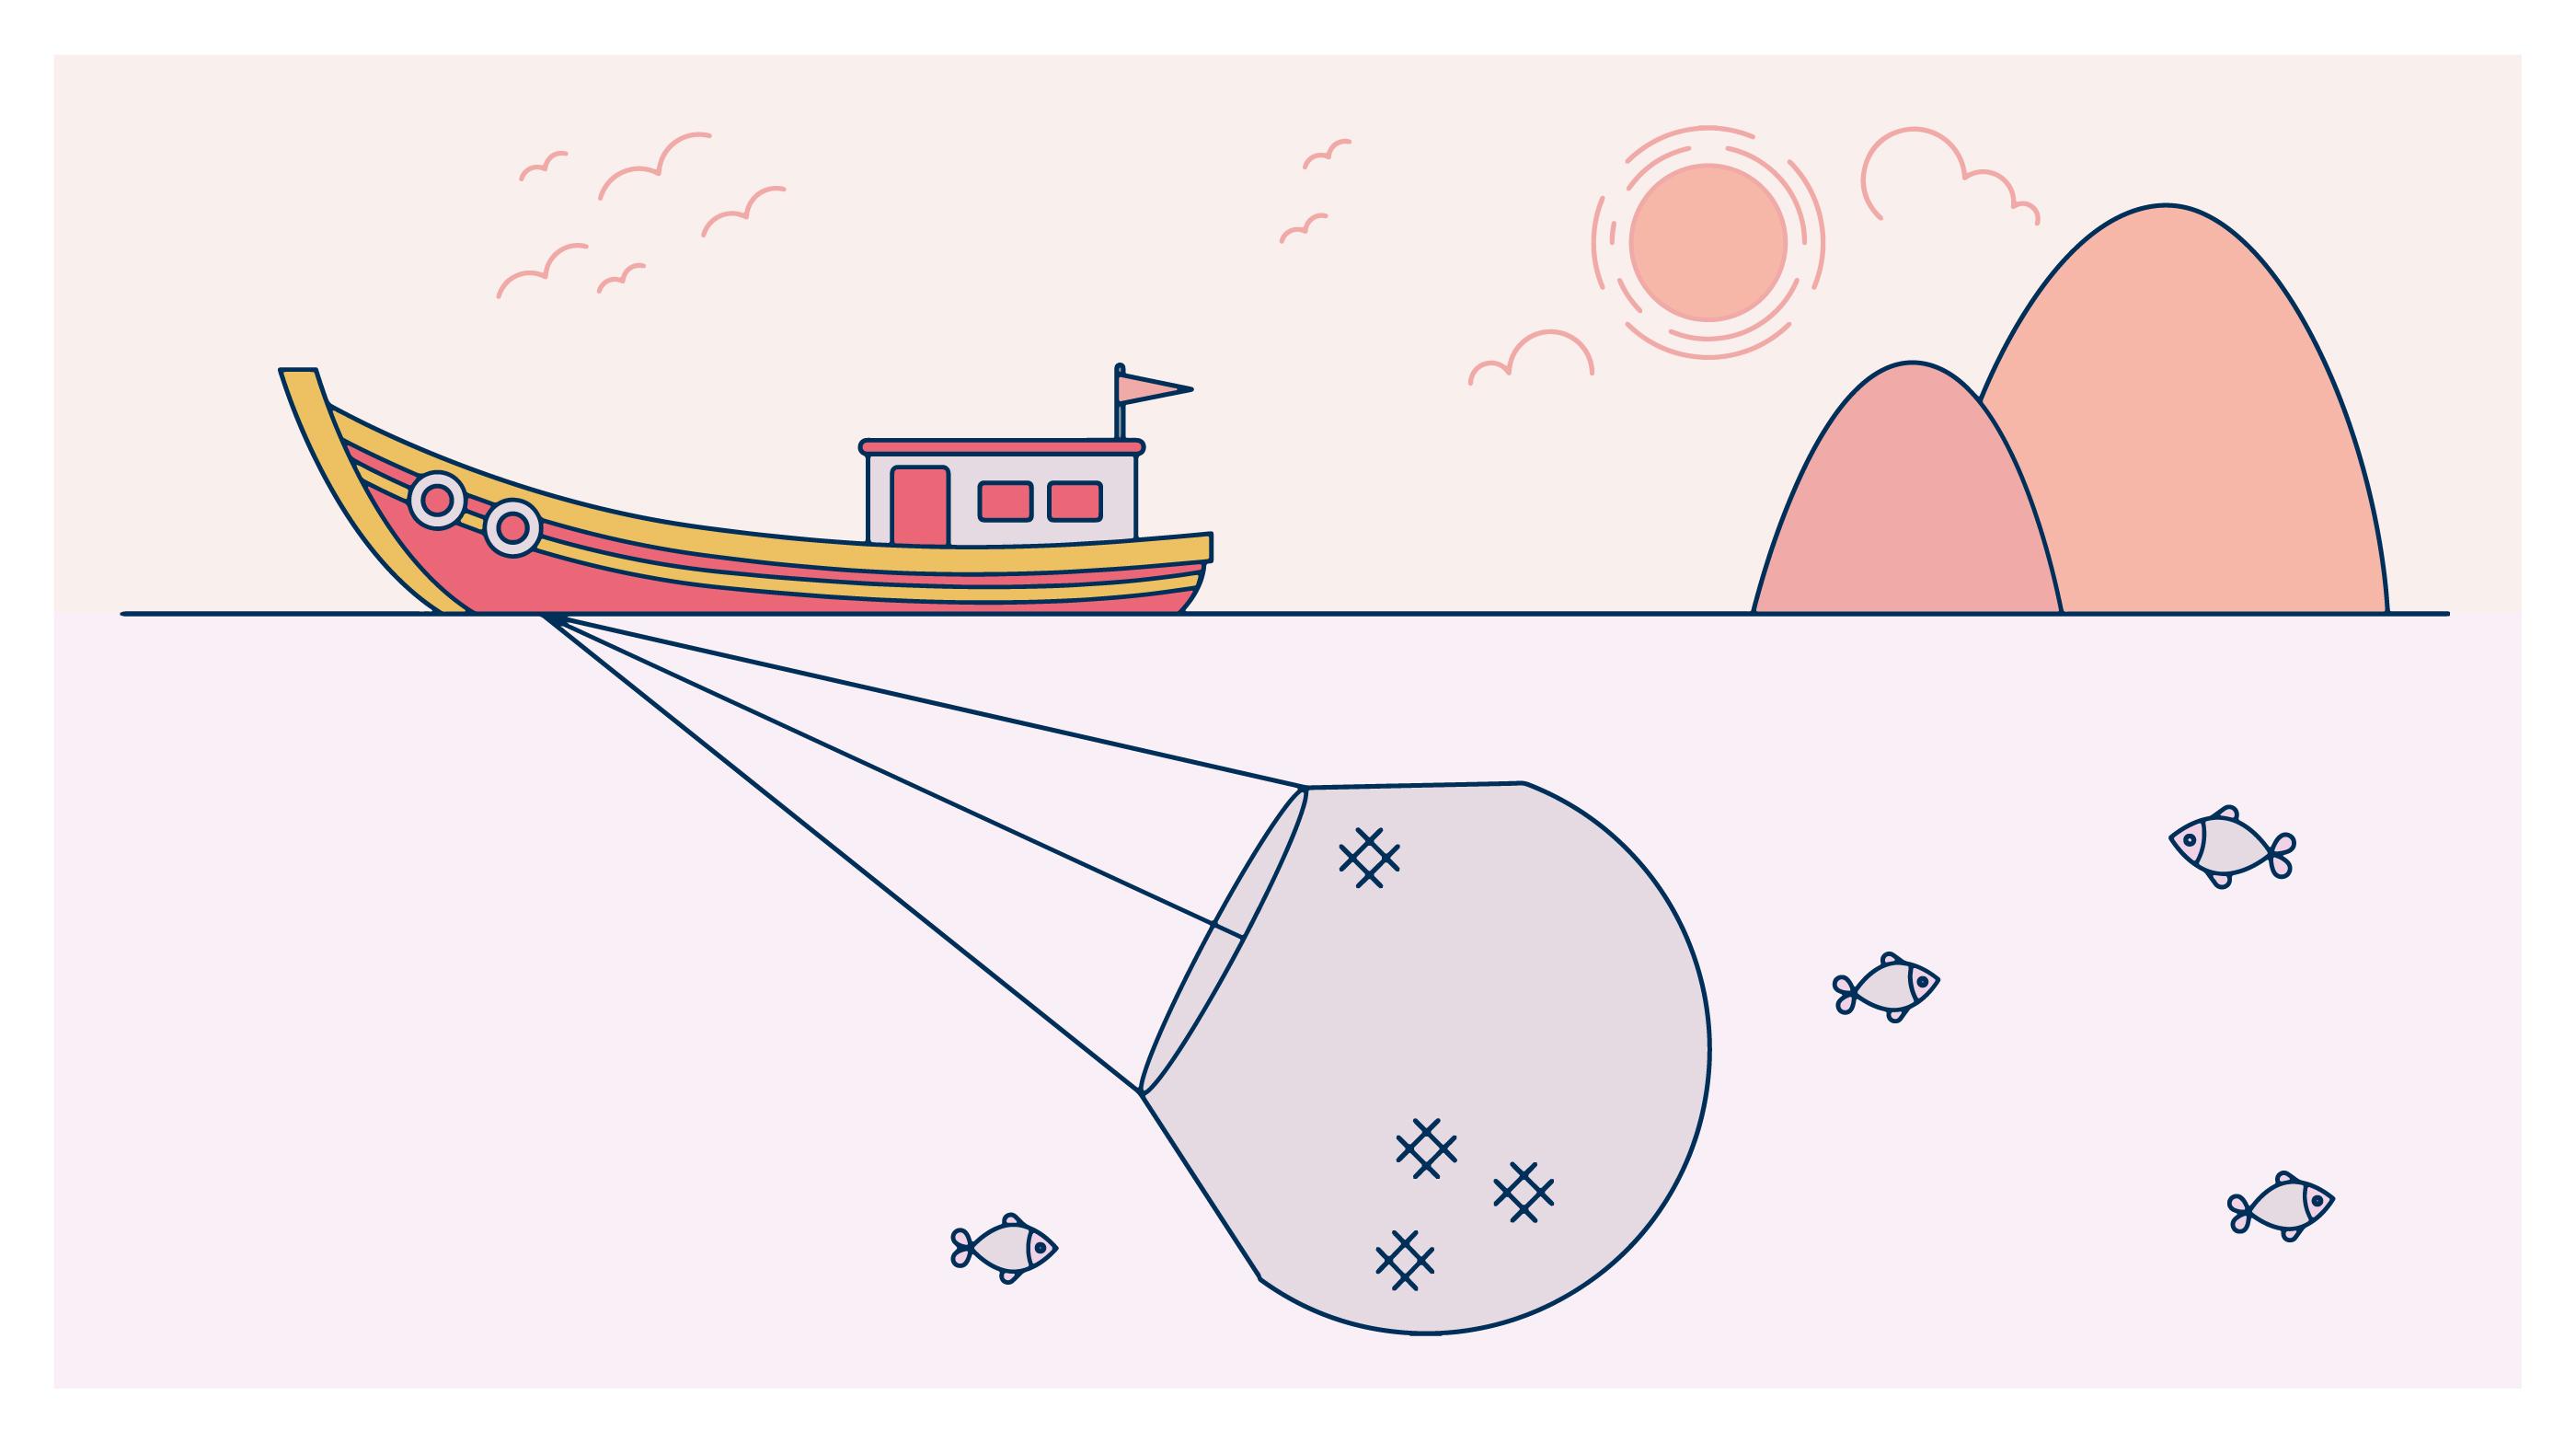 Net Fishing Vector - Download Free Vector Art, Stock ...